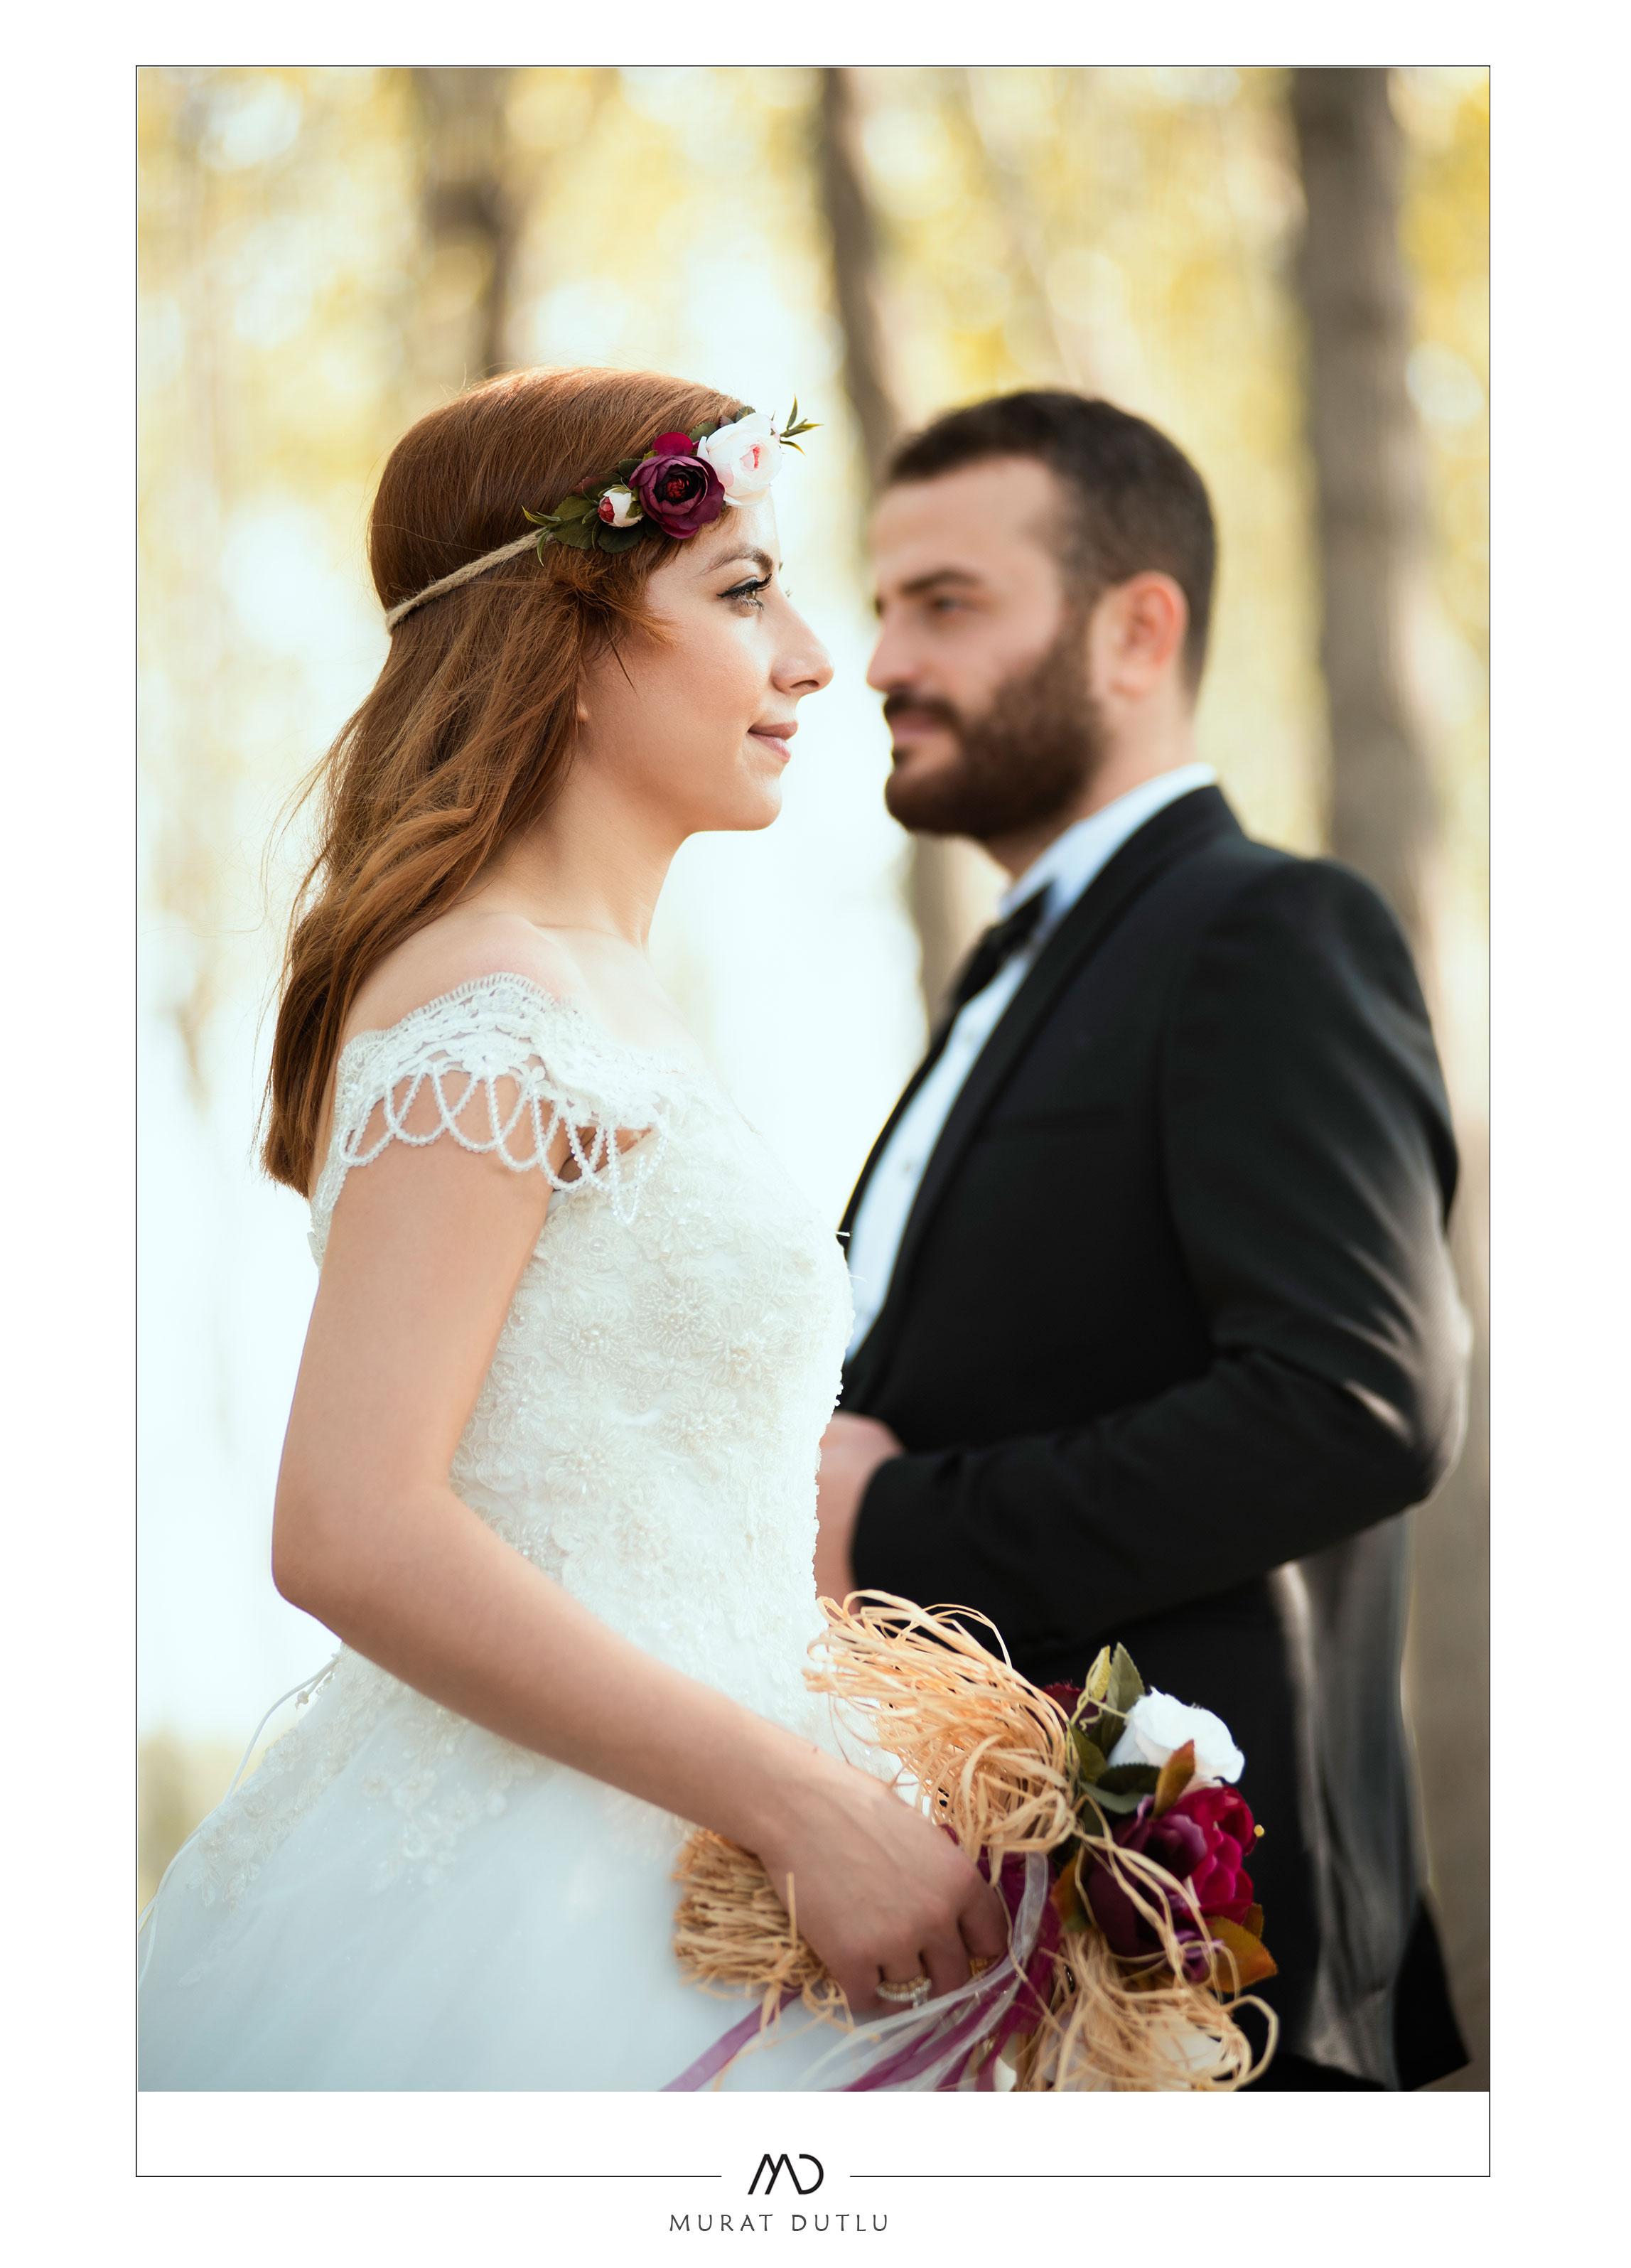 İzmir düğün fotoğrafçısı, İzmir düğün hikayesi Murat Dutlu